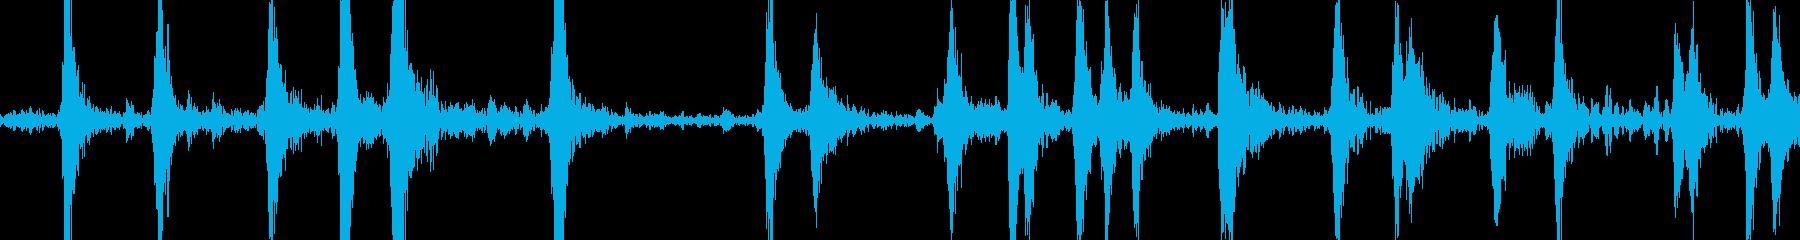 ハーバードプレーンエンジンの咳の開始の再生済みの波形